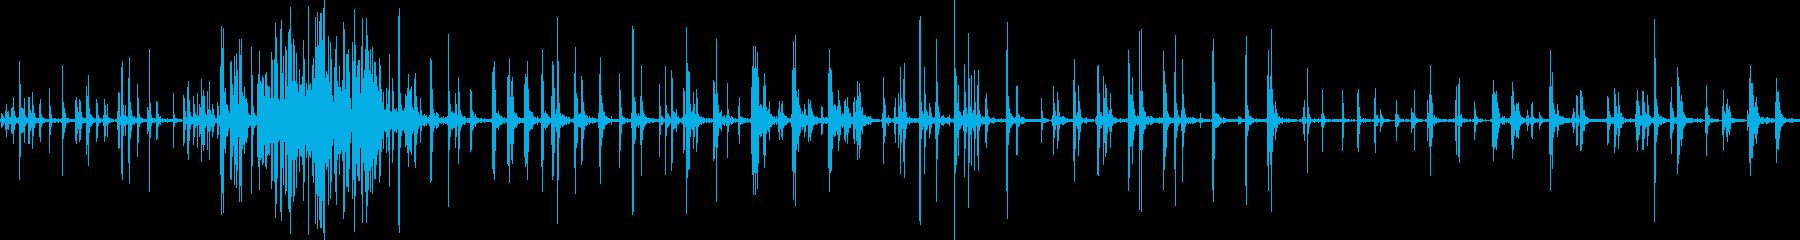 スモールピースオブメッシュ:ショー...の再生済みの波形